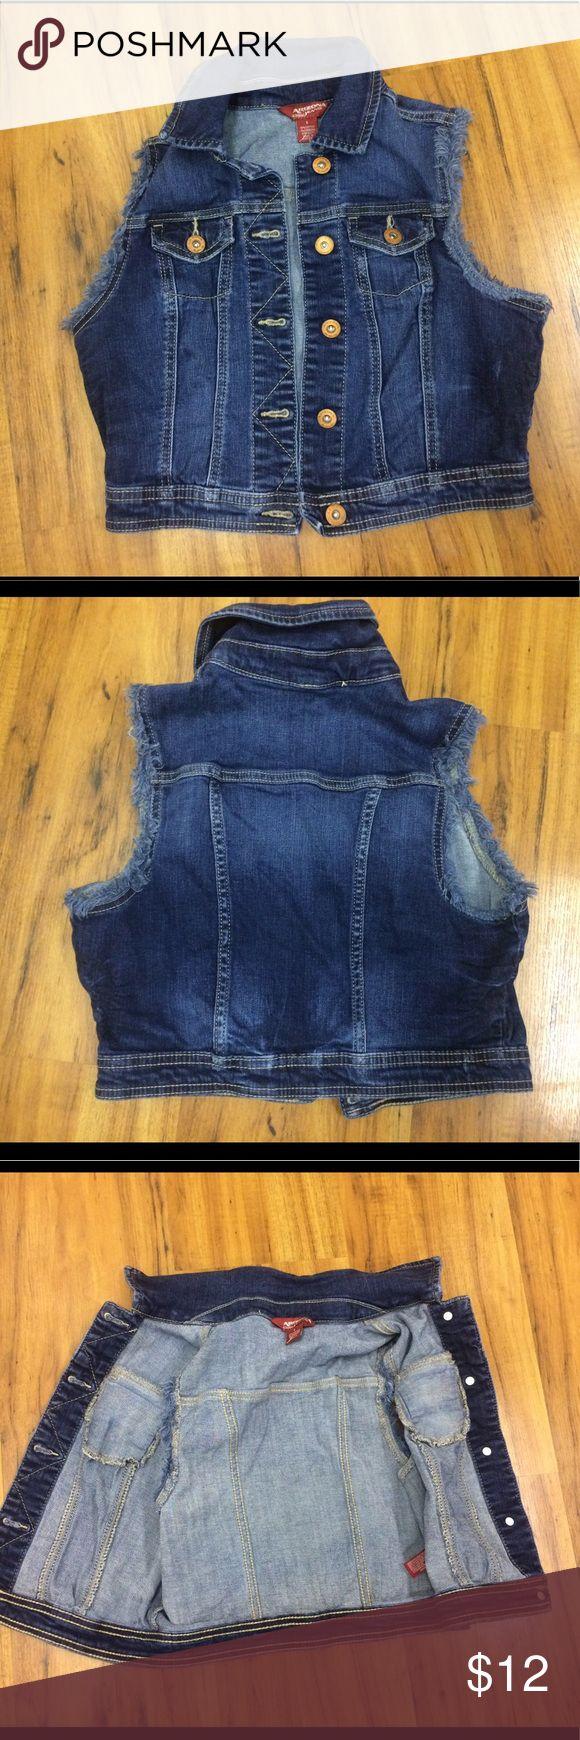 Arizona short sleeve Jean jacket In good condition size Small Jackets & Coats Jean Jackets